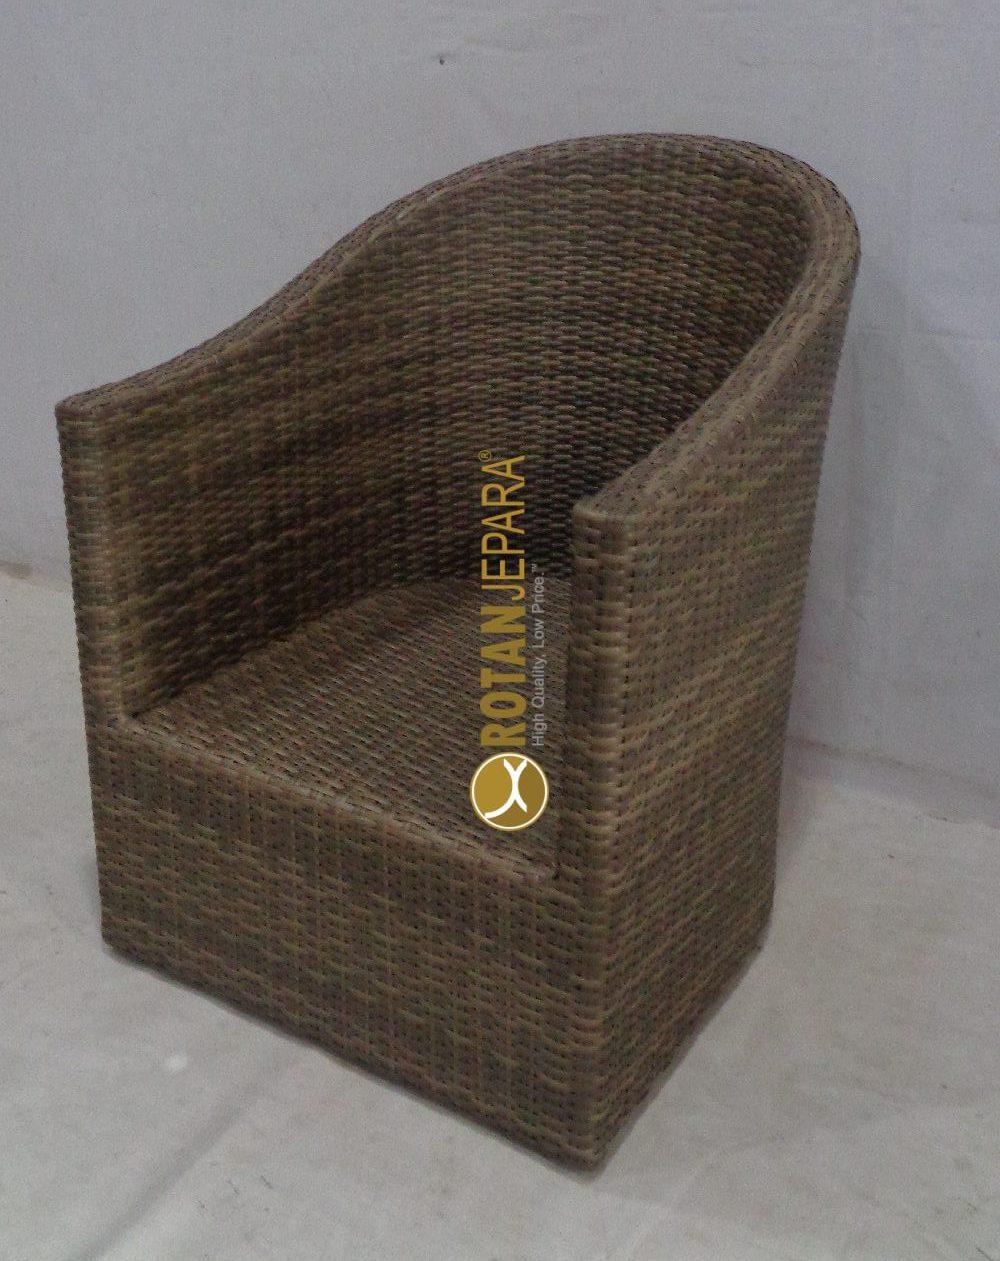 Maldives Sofas Wicker Patio Hotel Furniture